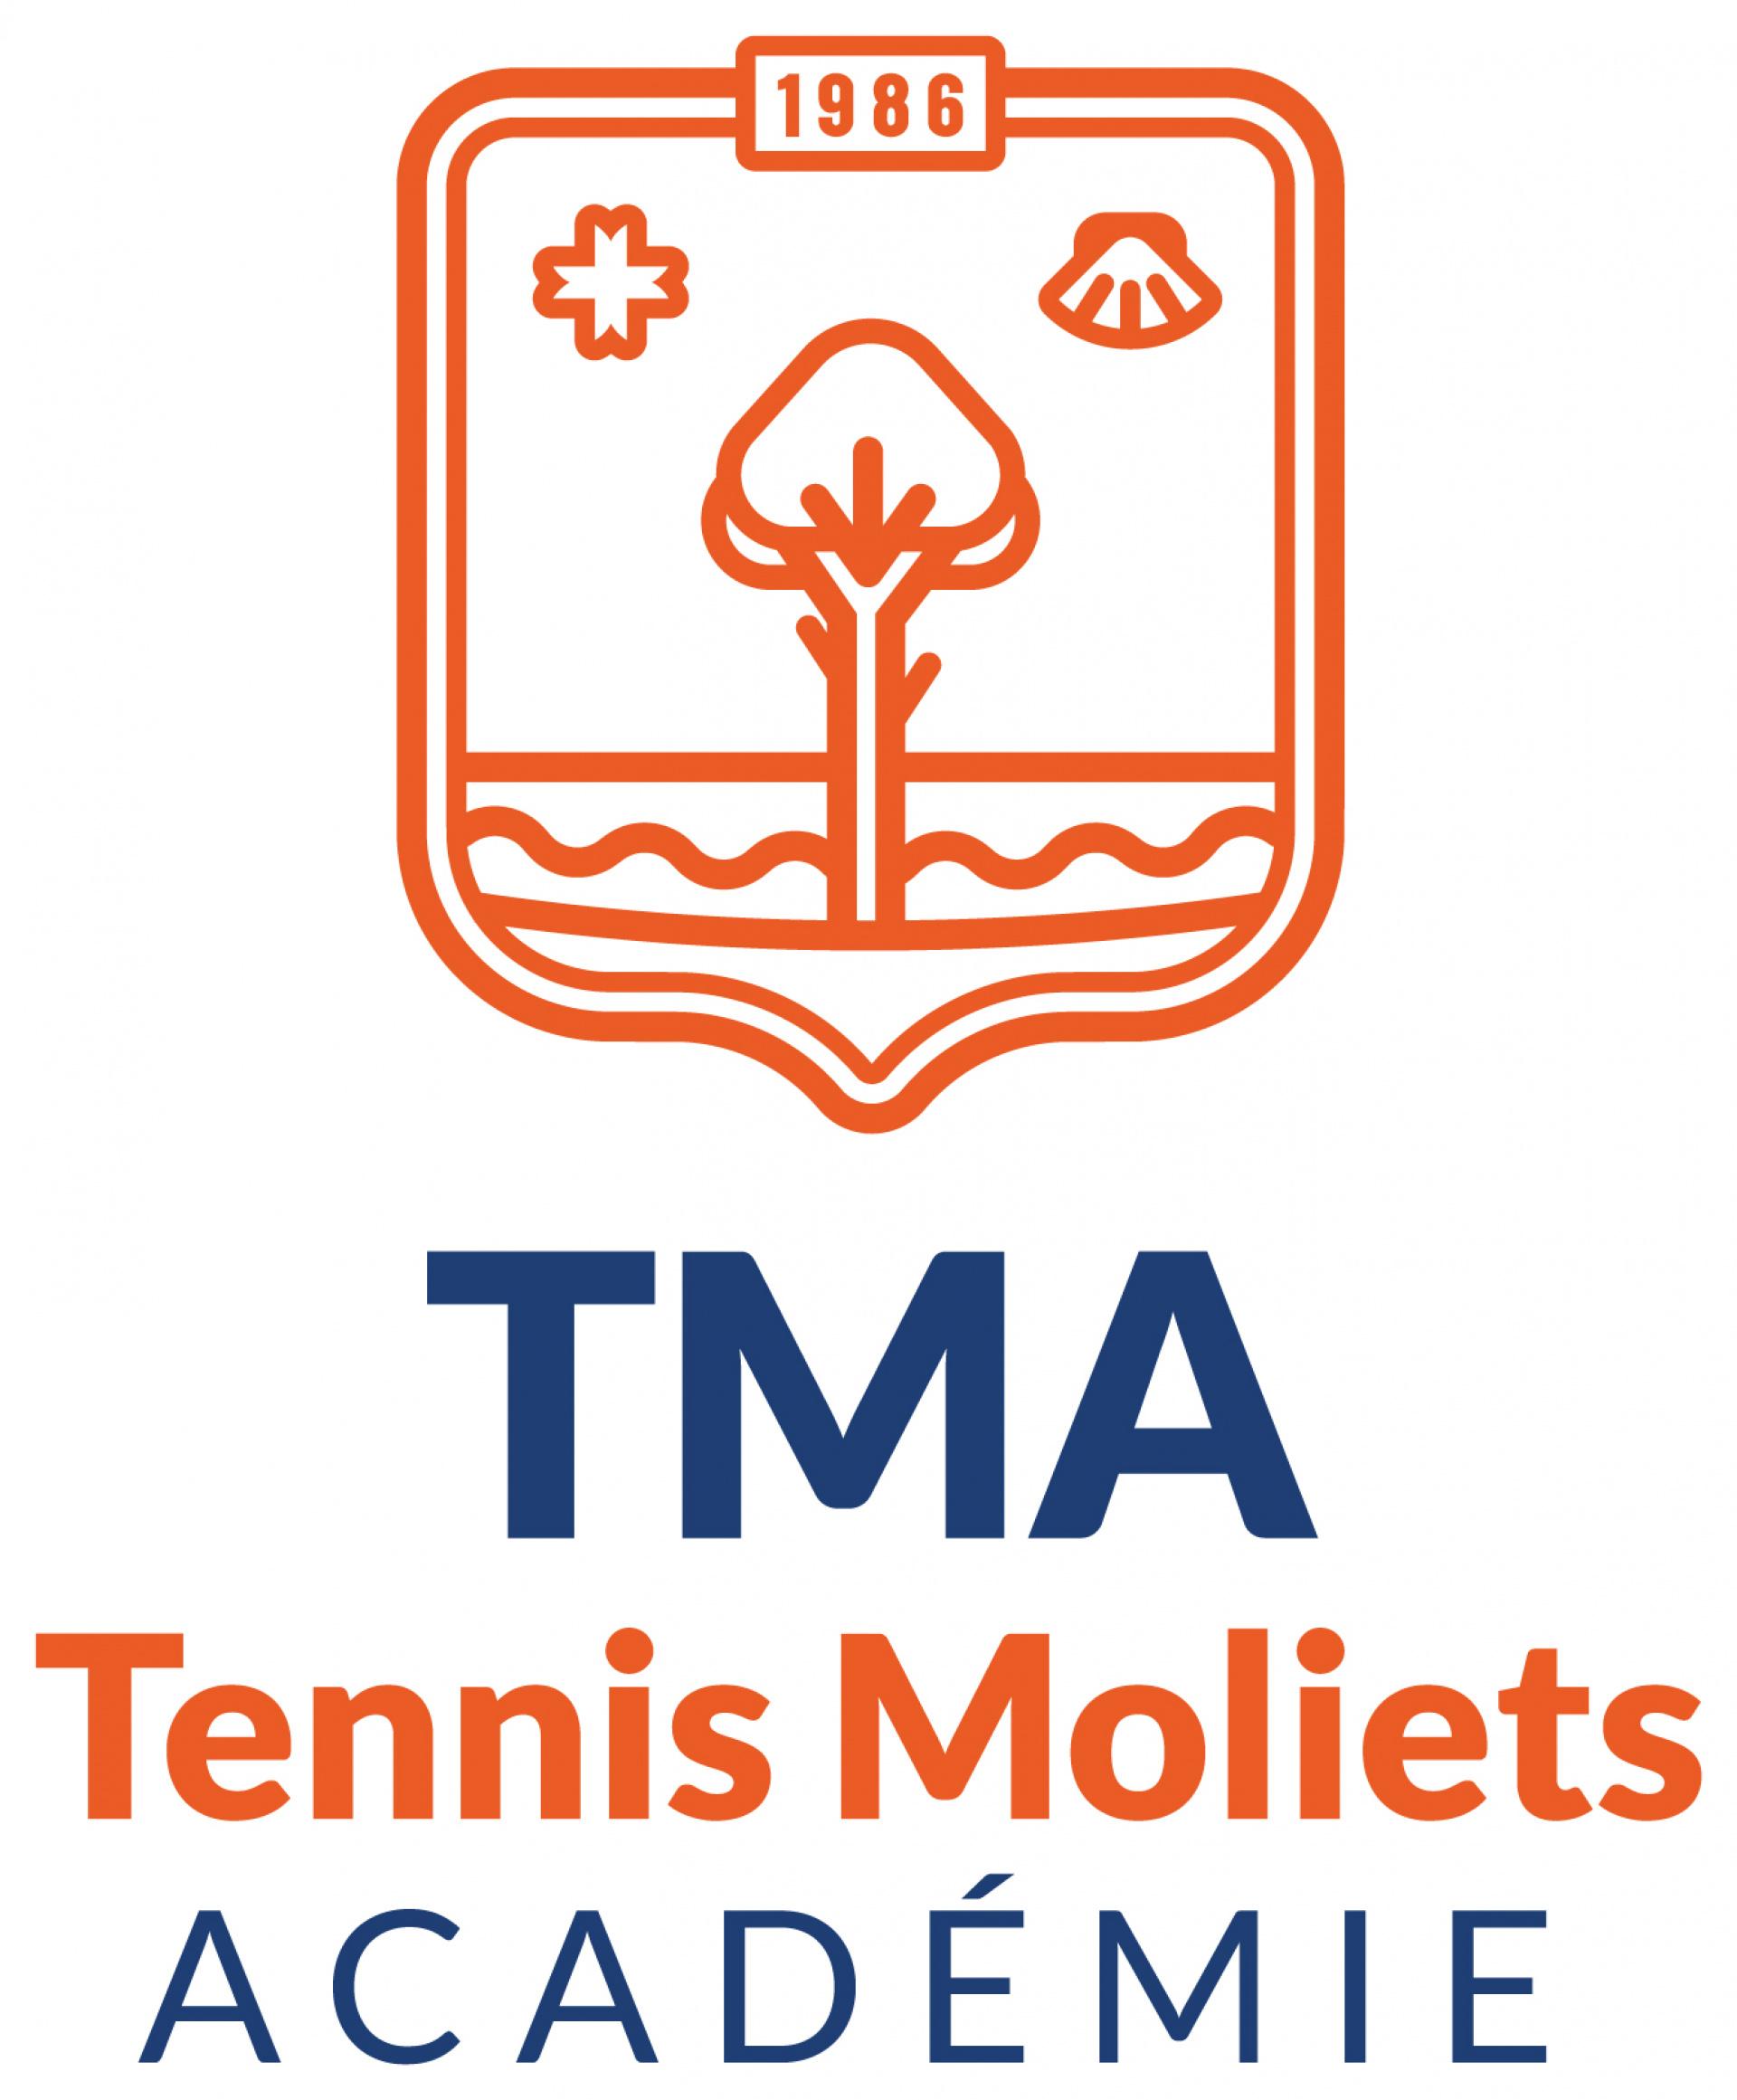 Le logo de la tennis moliets académie Du tennis de Moliets qui propose la location de courts à l'heure en dur, green-set, terre-battue, gazon couverts ou extérieurs. Des stages tennis pour tout public de Académie et Tennis Club de Moliets dans le sud-